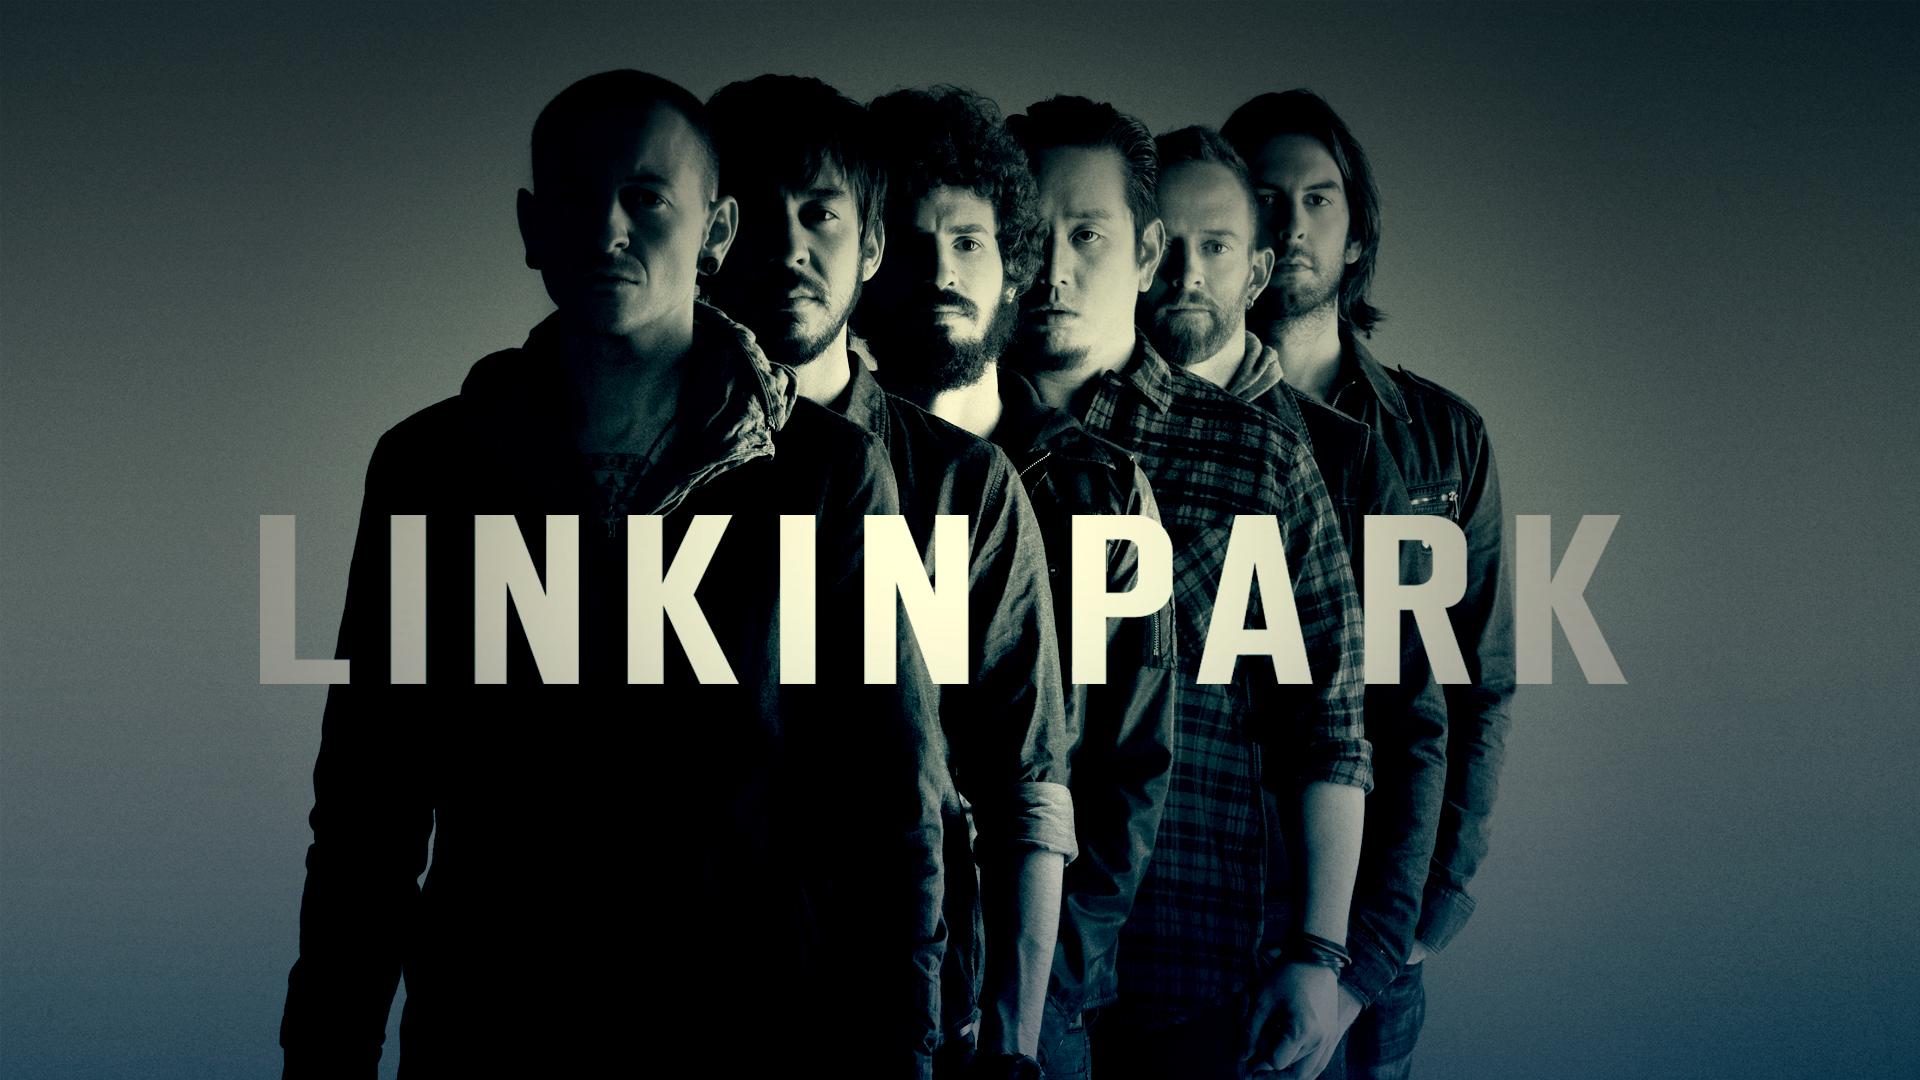 Download Linkin Park Wallpaper 12843 1920x1080 Px High